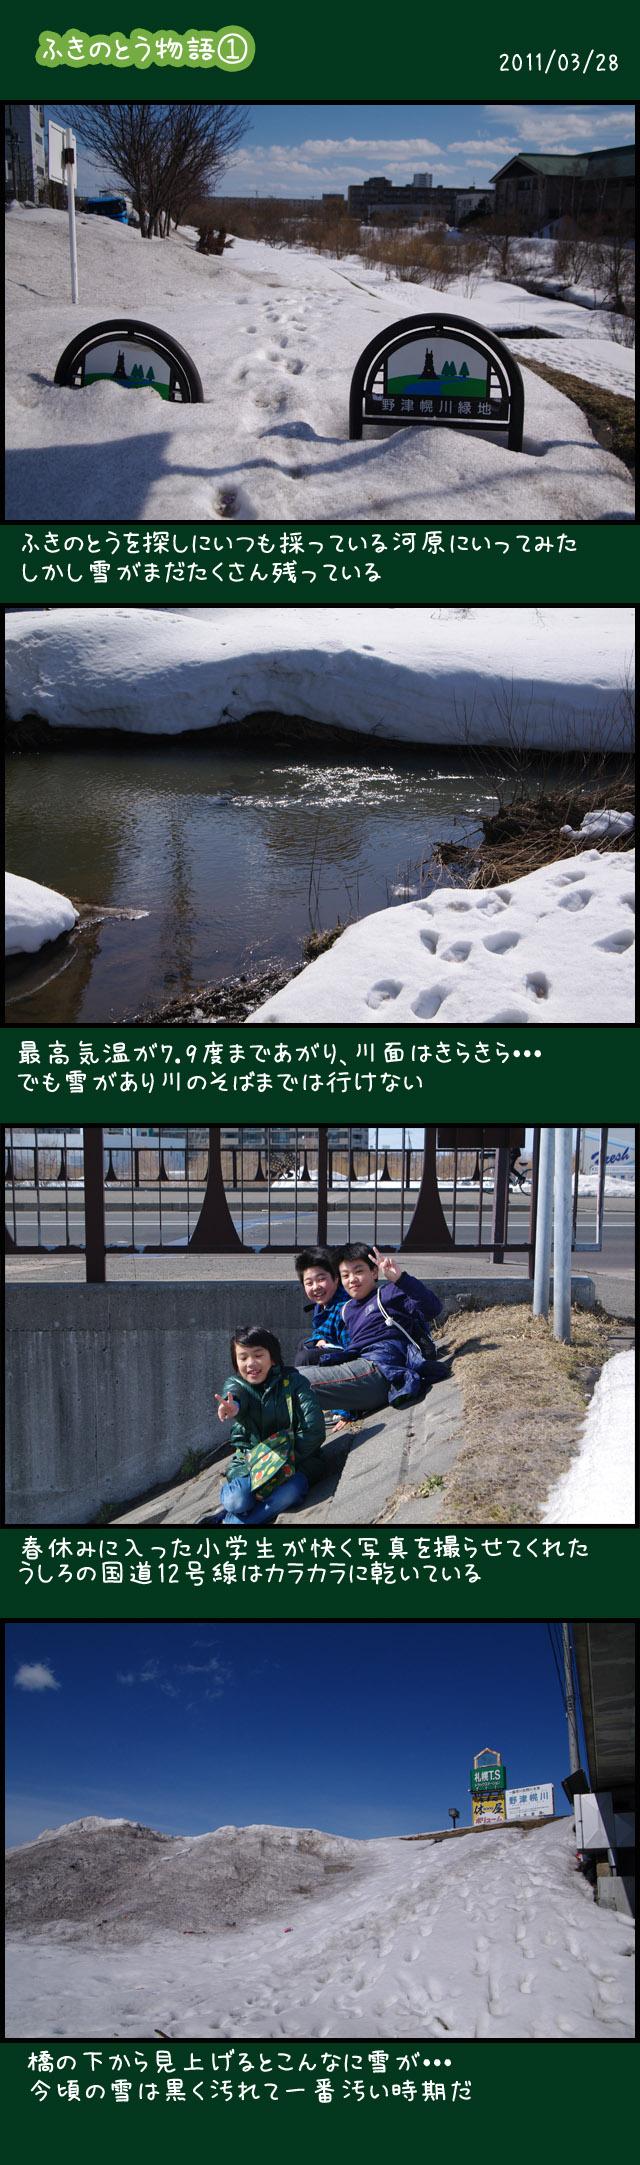 b0019313_1873320.jpg